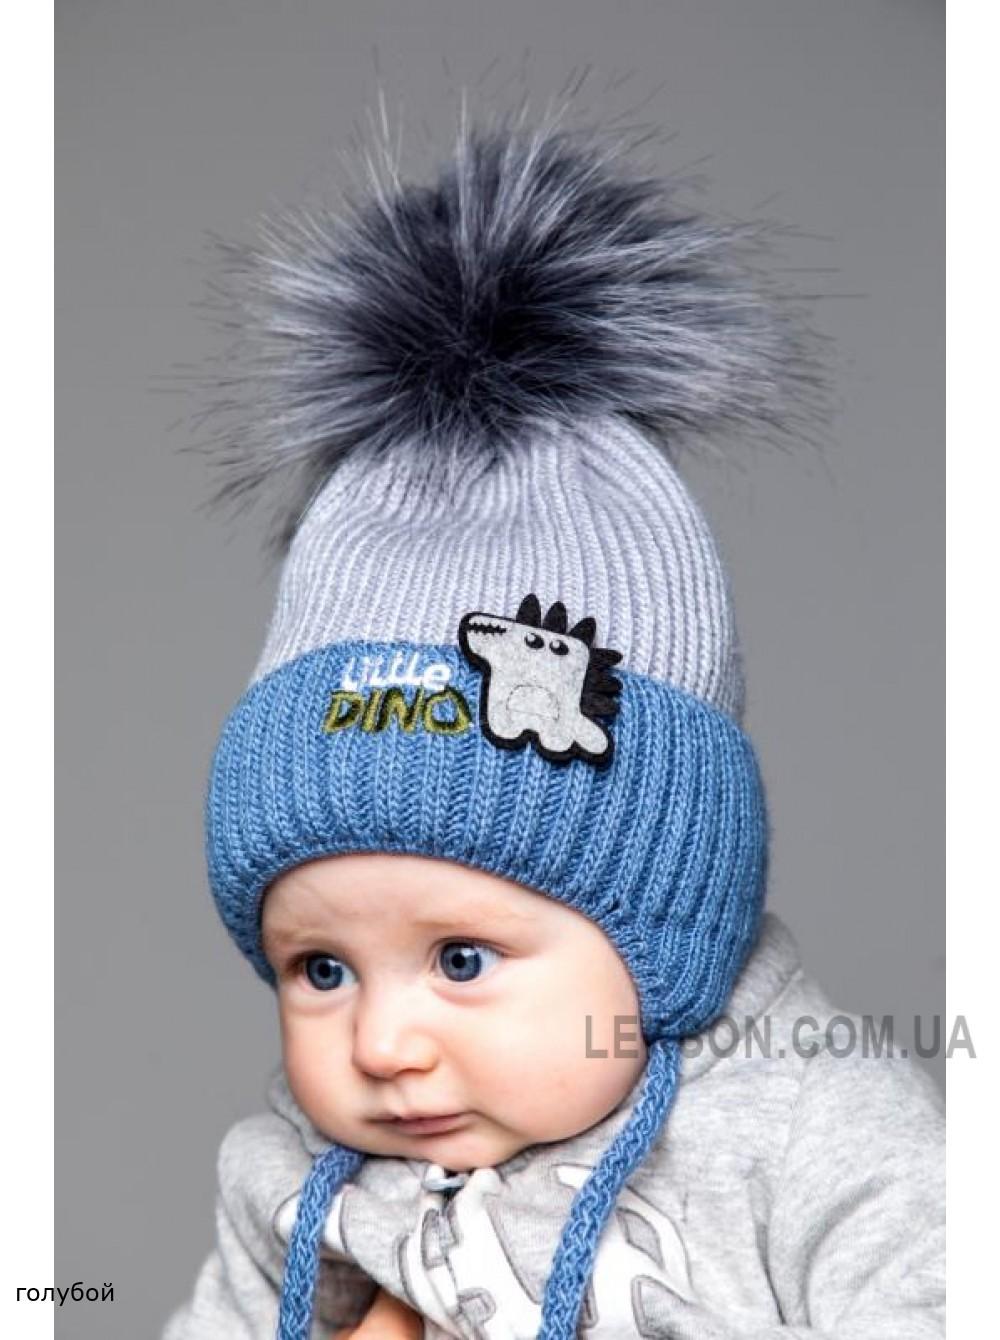 Детская вязаная шапка Дино D70833-42-46